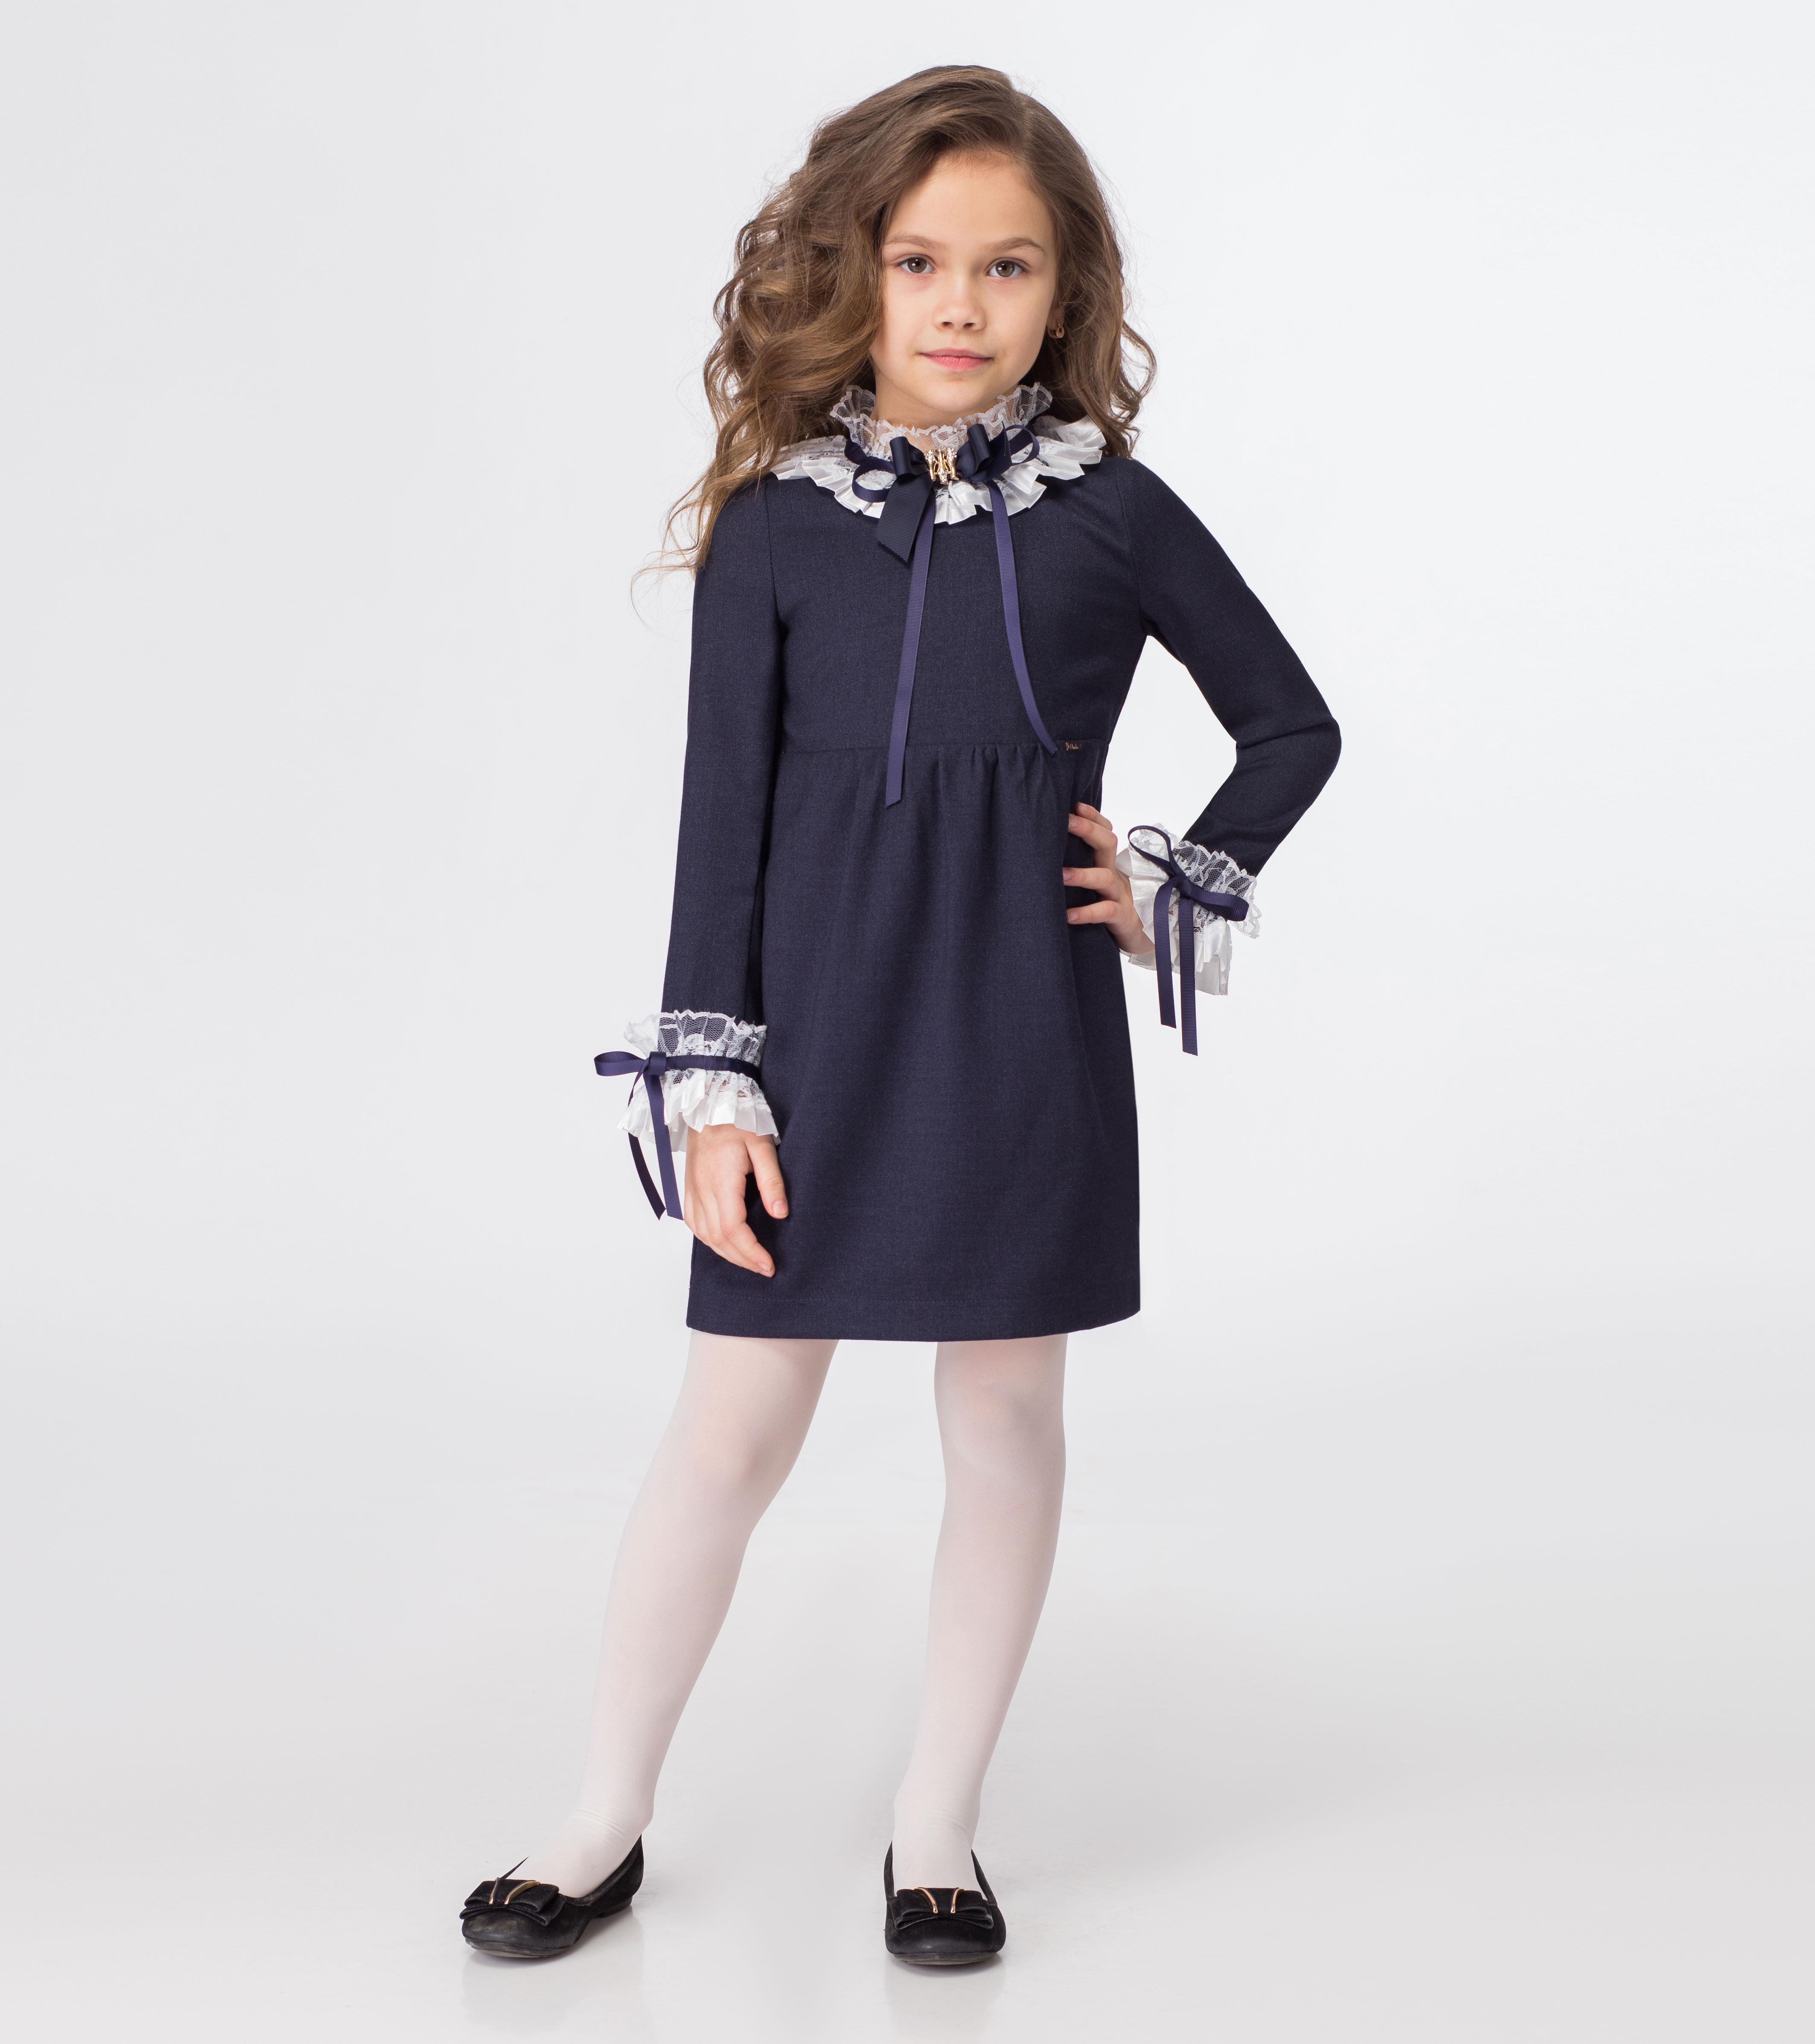 dbe846e4c50 Платье для девочки 223980 купить в интернет-магазине shop.panda.by с ...